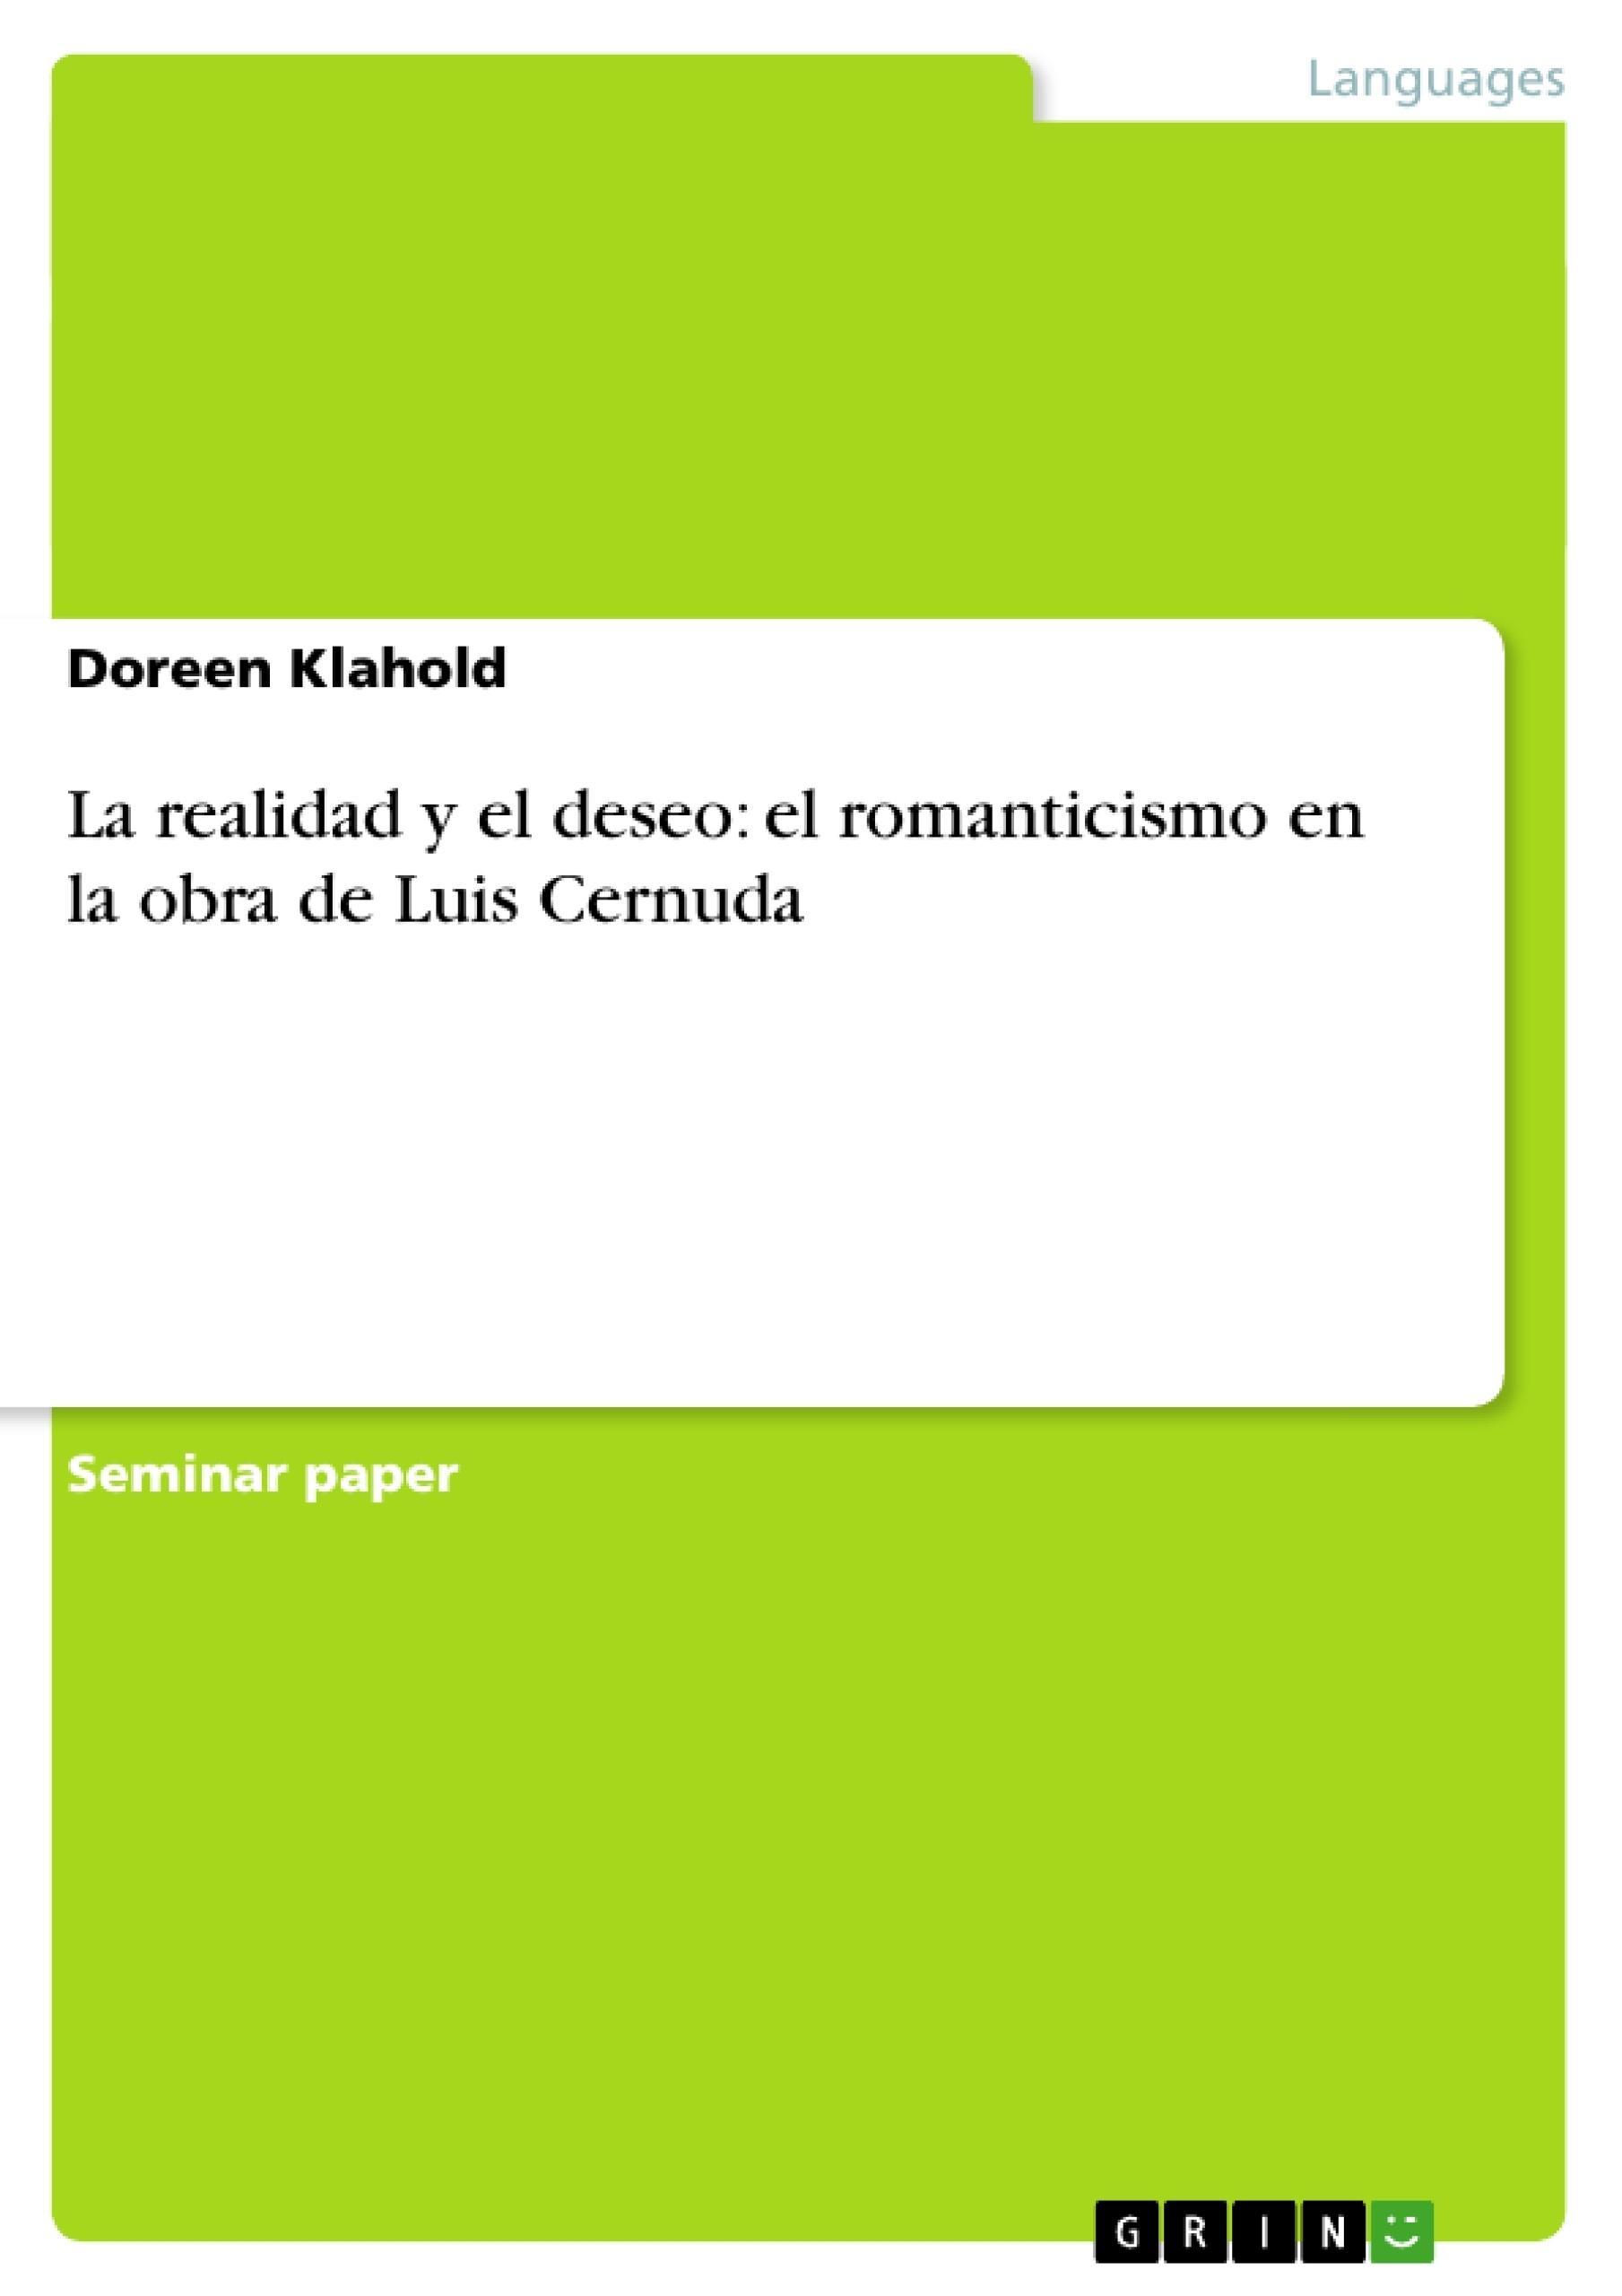 Título: La realidad y el deseo: el romanticismo en la obra de Luis Cernuda